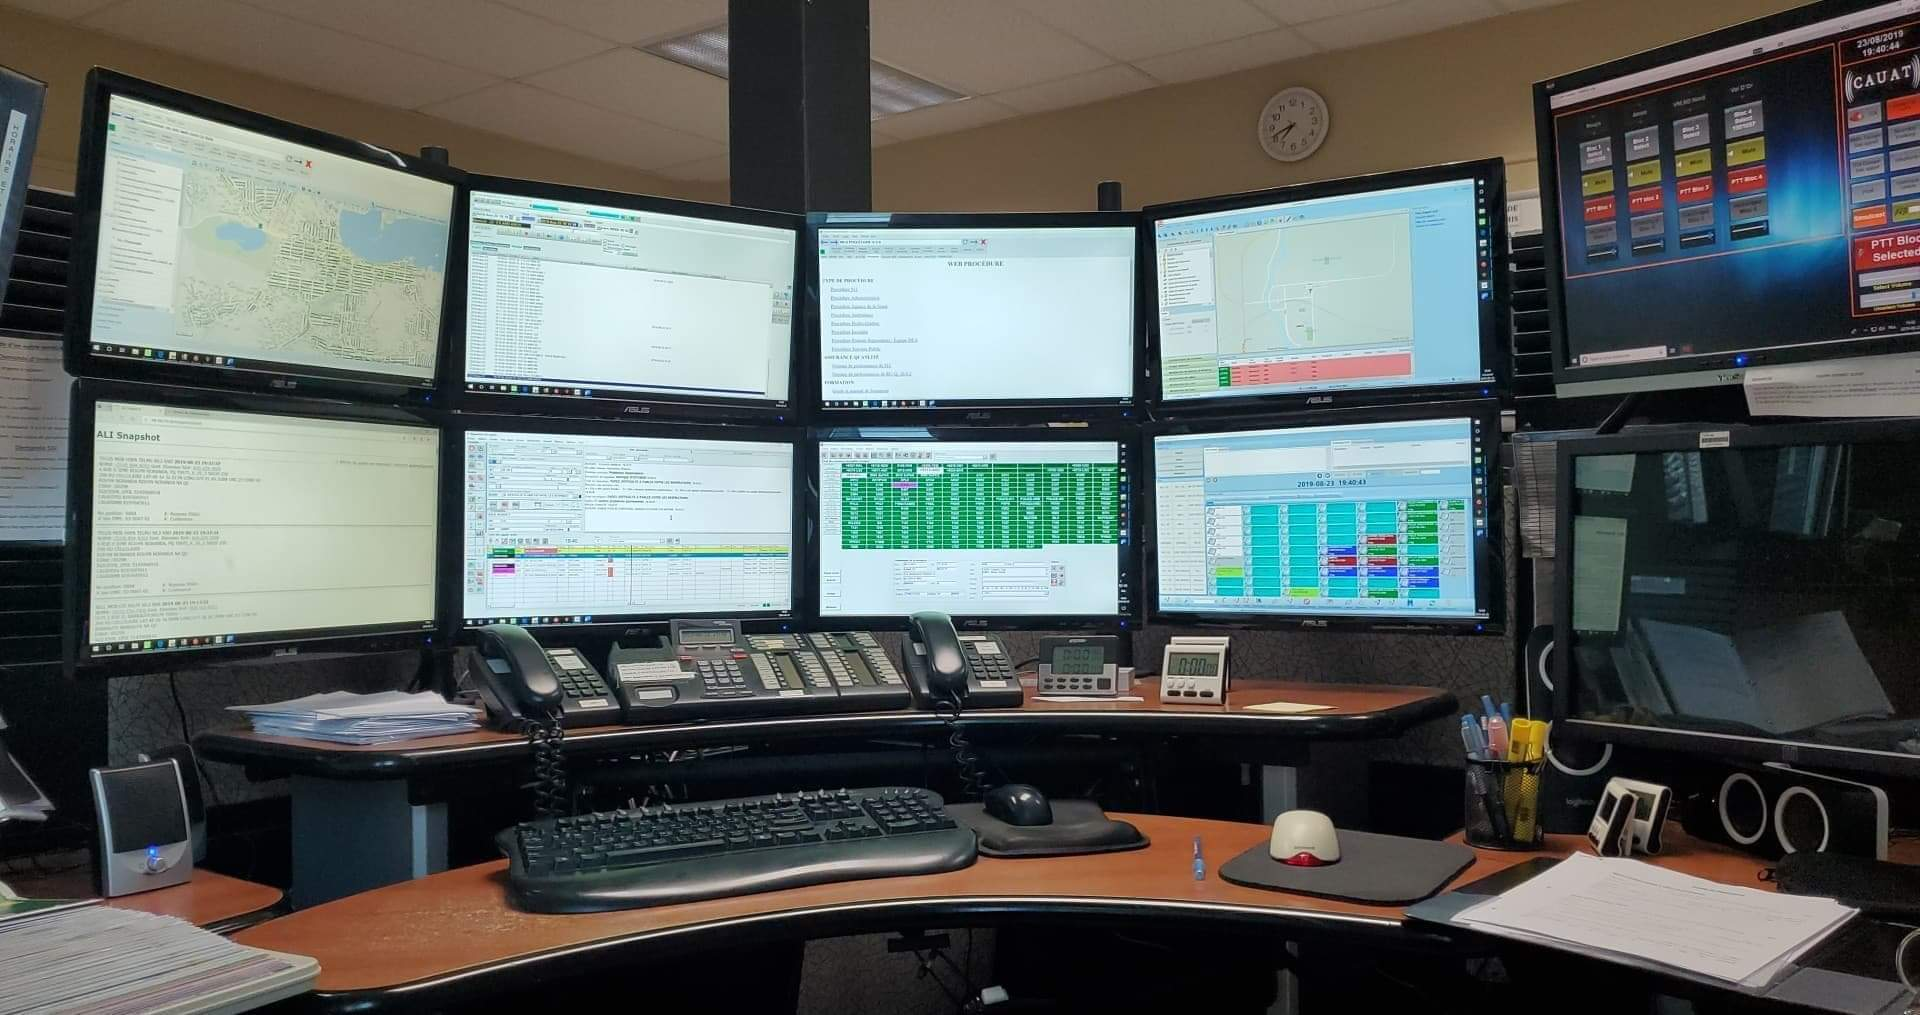 911 : le centre de régulation des appels de secours au Canada